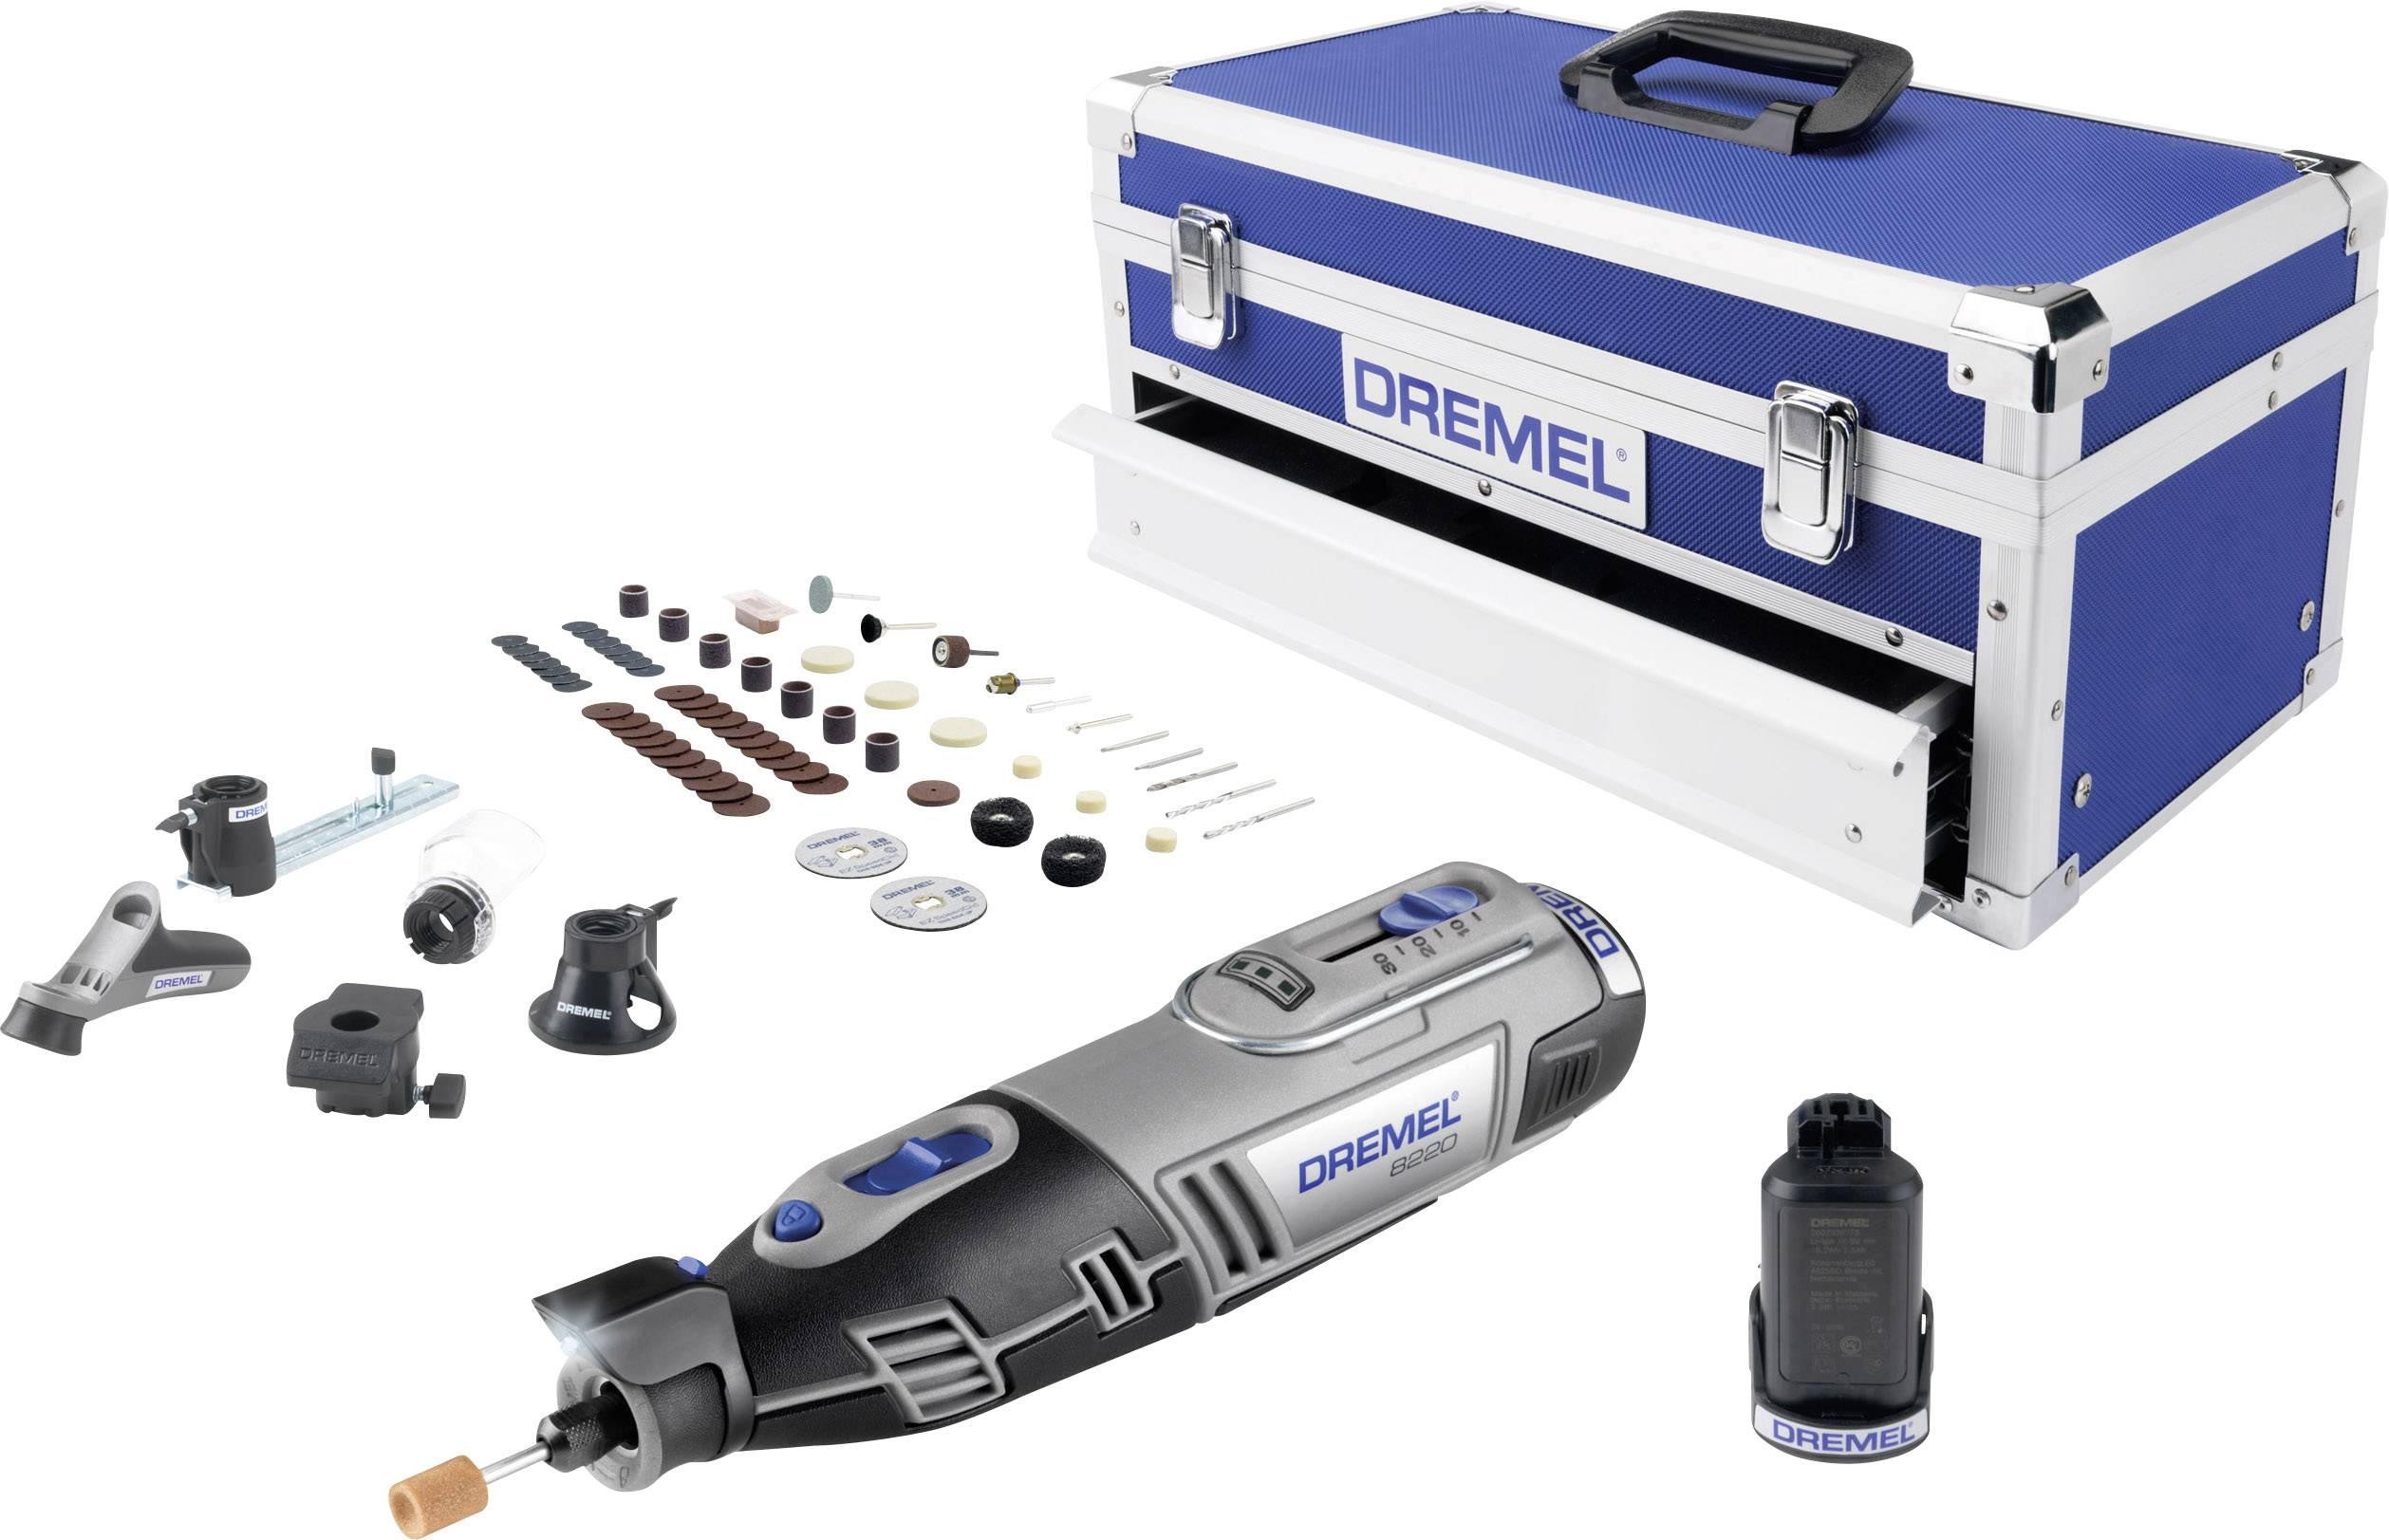 37 Teile TOP Multifunktions-Werkzeug Oszillations-MultiTool Multifunktionstool